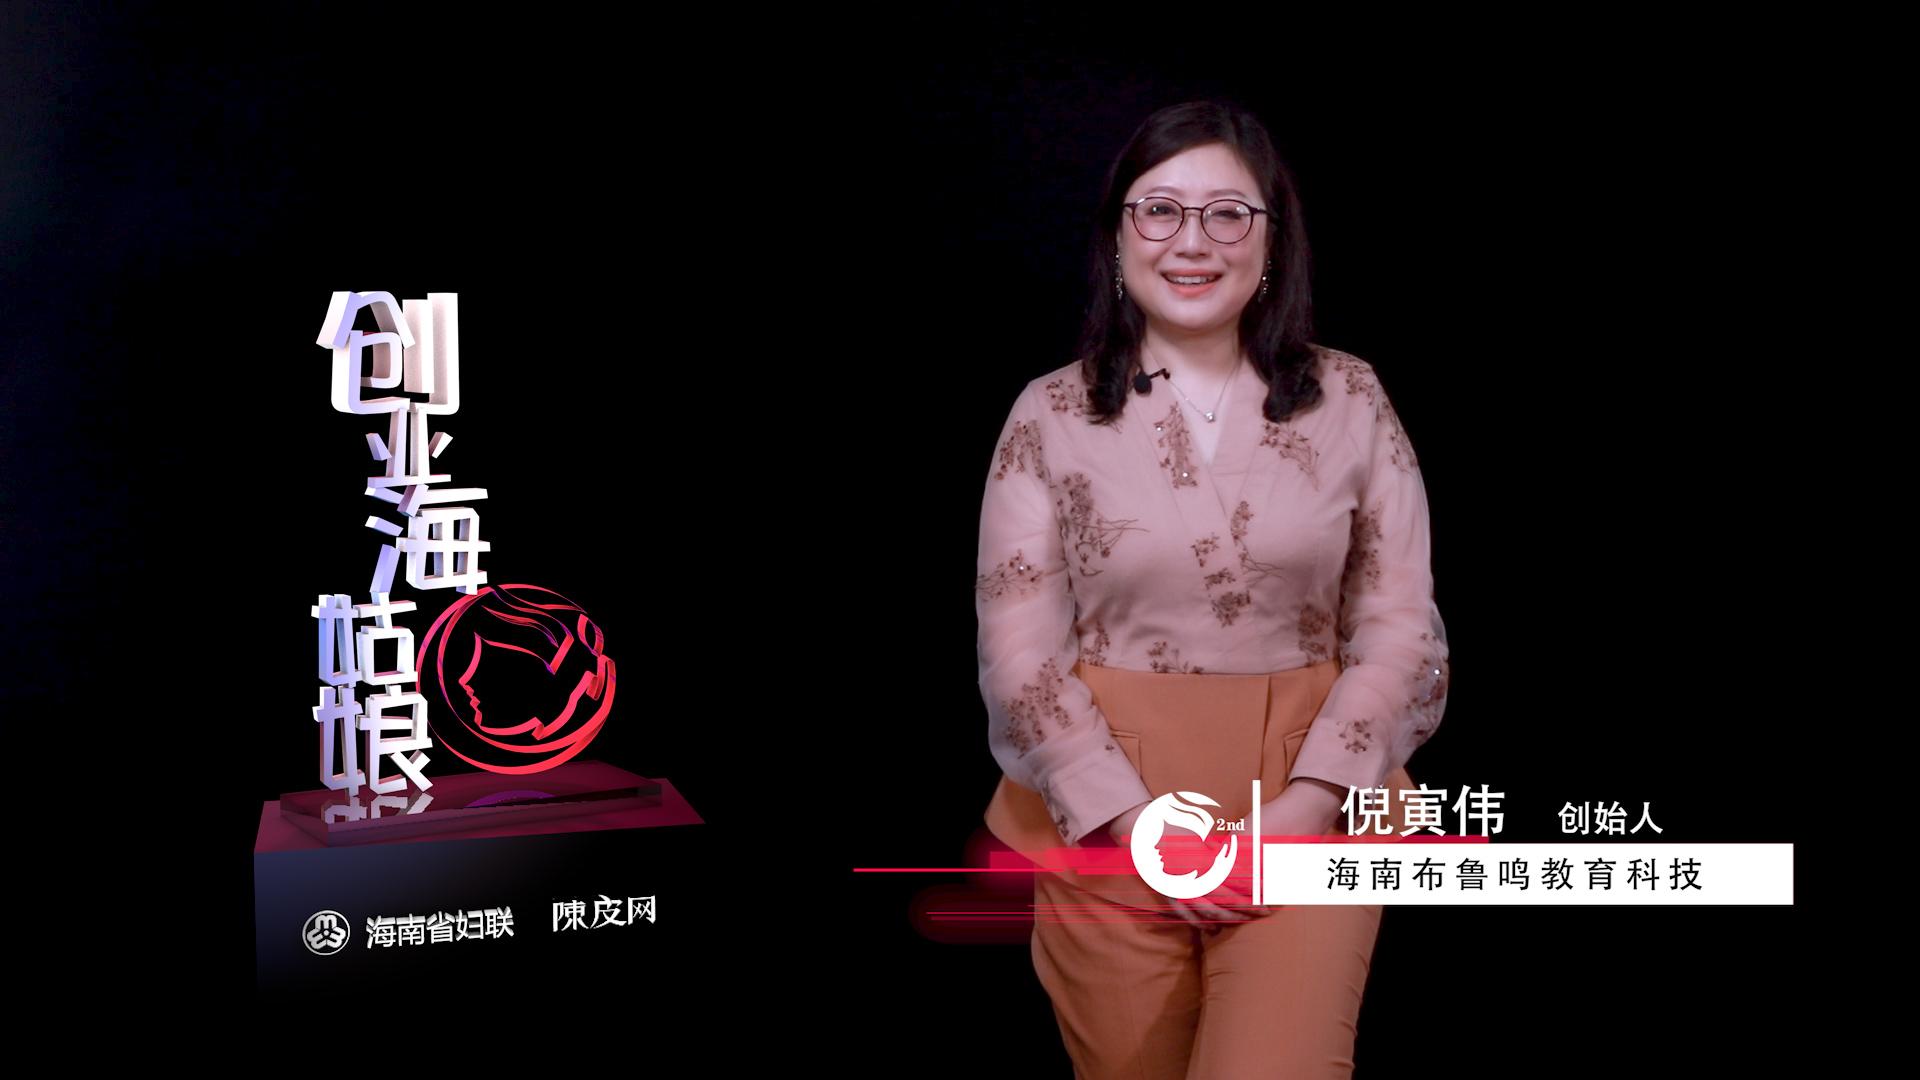 创业海姑娘|布鲁鸣倪寅伟 以最美的姿态绽放【陈皮网】